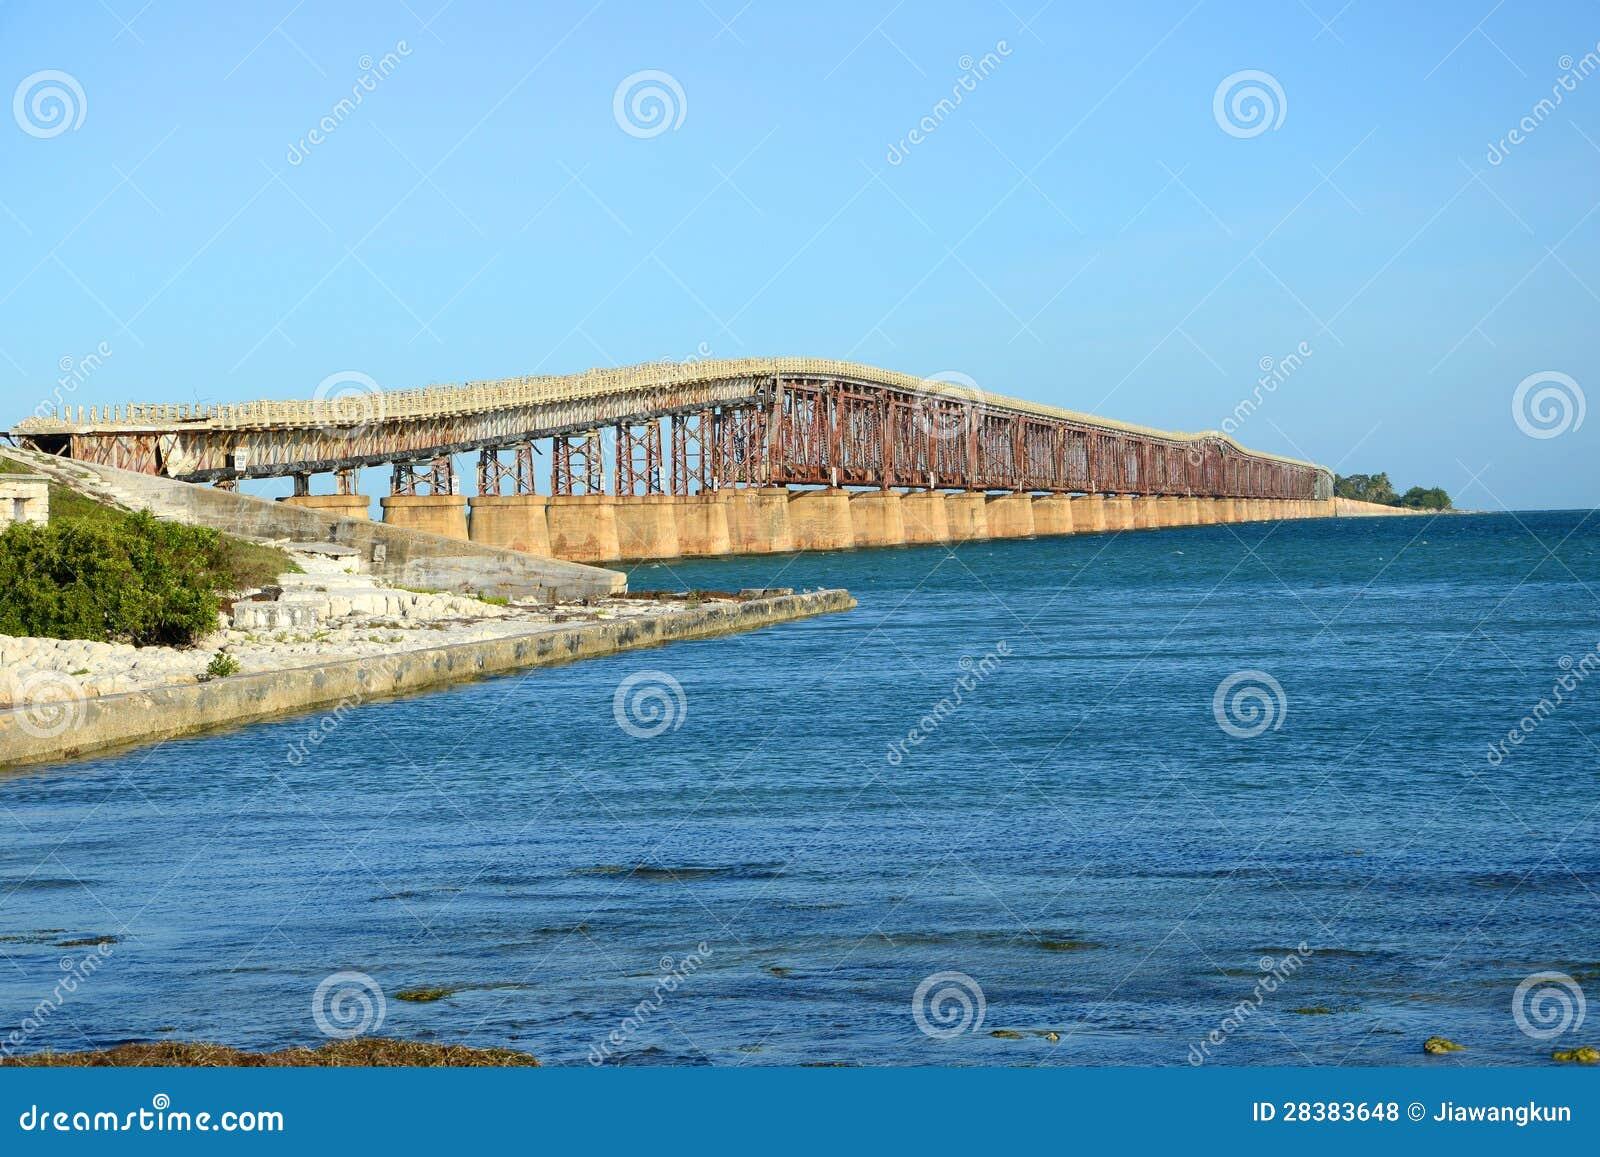 巴伊亚本田铁路运输桥梁, Key West